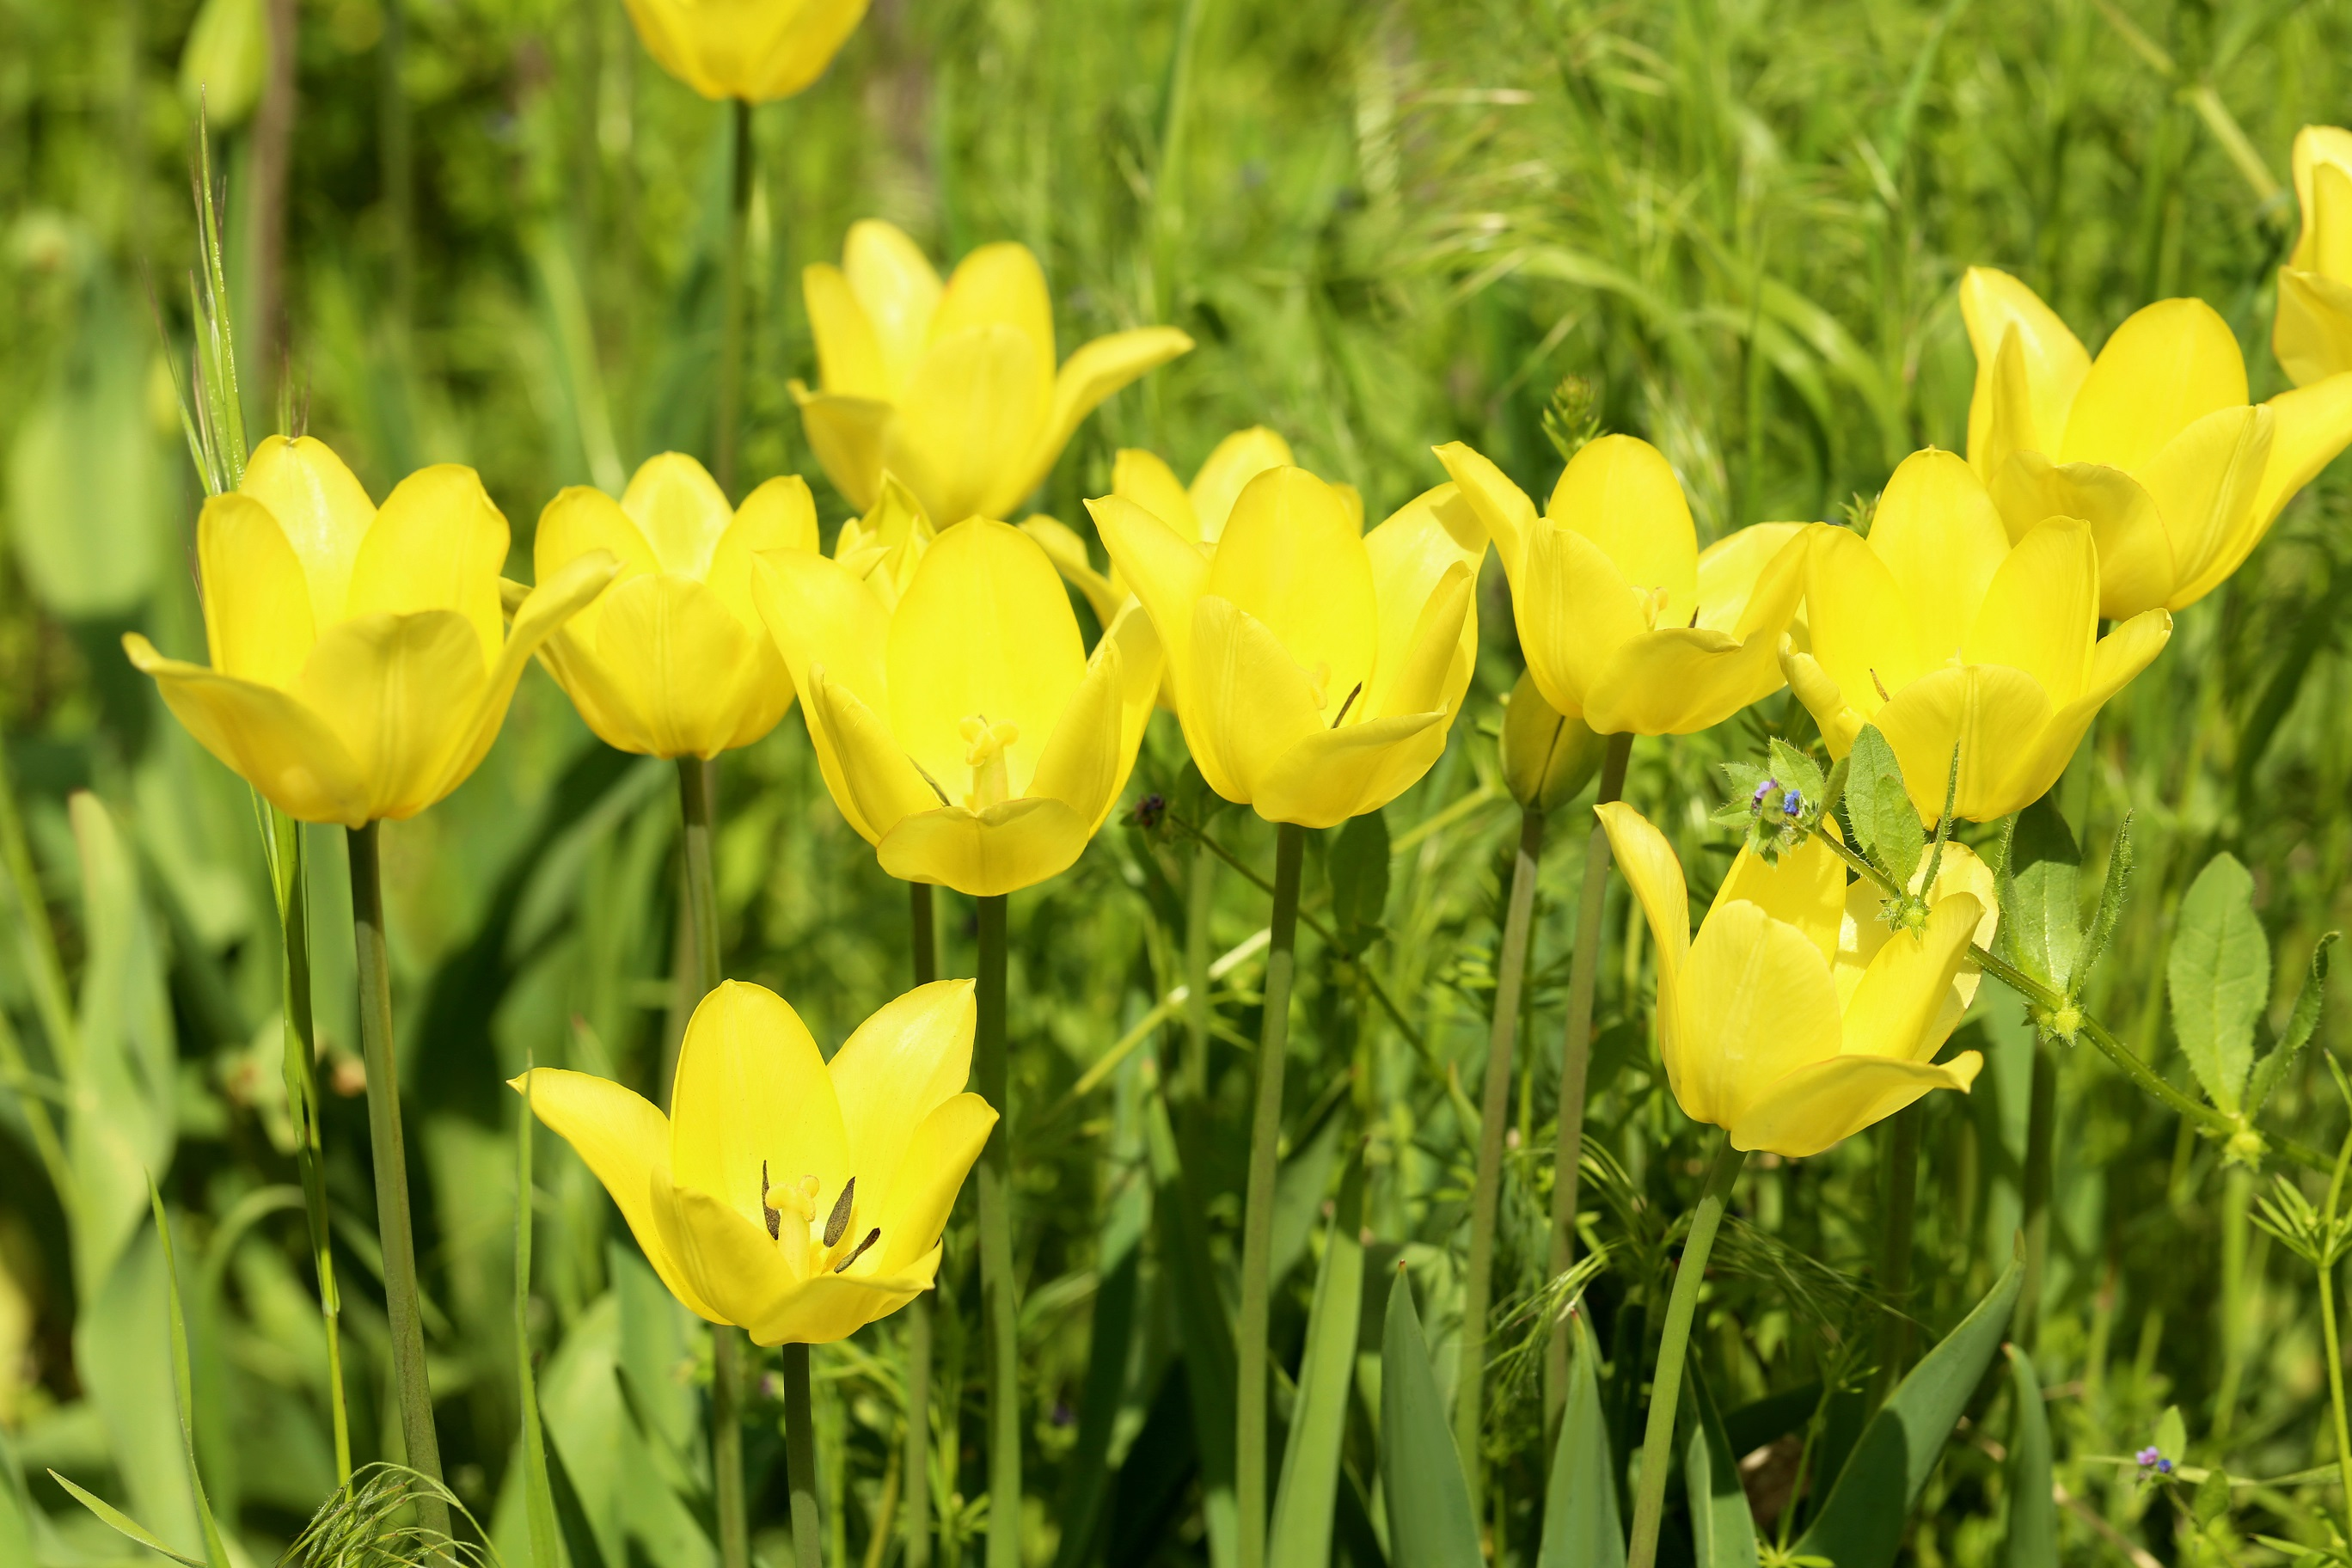 Tulpen Richtig Pflanzen Und Pflegen Tulpen Im Garten Tipps Rund Um Die Pflege Fur Die Fruhlingsblumen